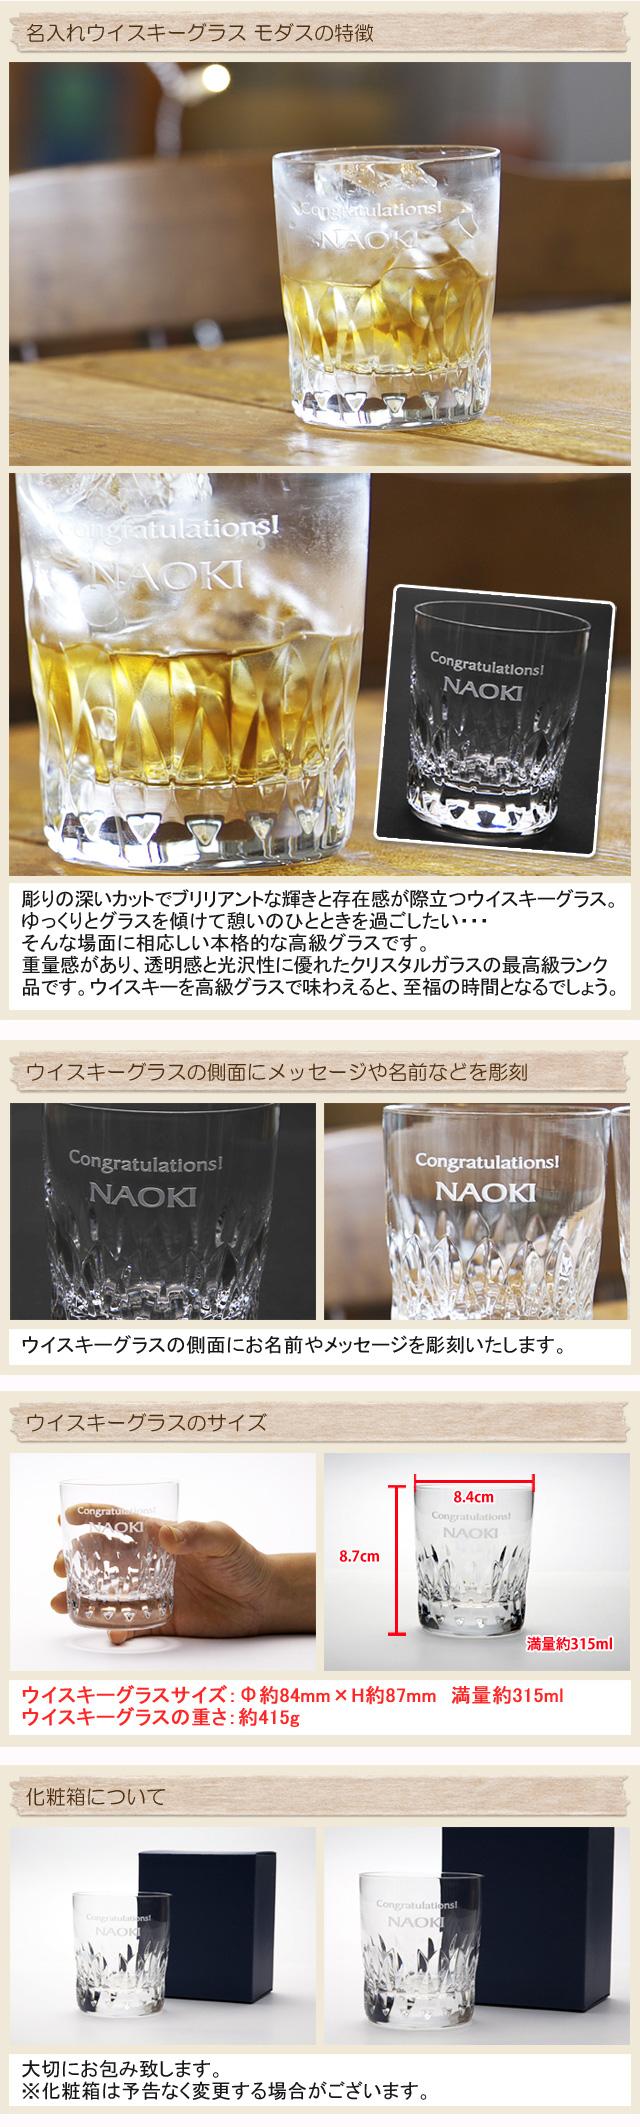 退職祝いや誕生日などに最高級ランクのクリスタルガラスで作られた名入れウイスキーグラス。